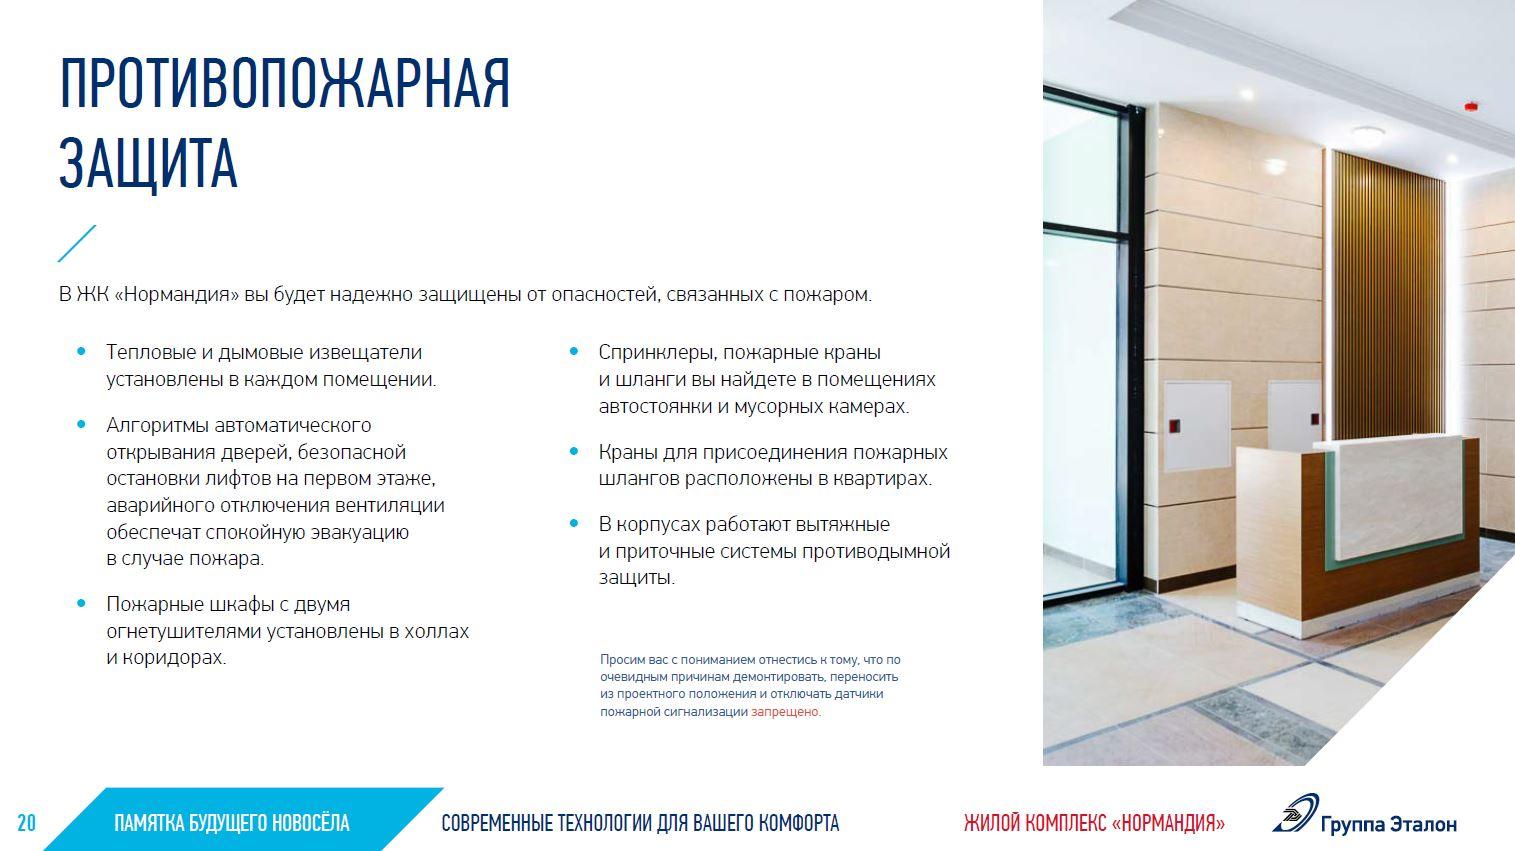 """Инженерия ЖК """"Нормандия"""": лифты, вентиляция, противопожарная система, электроснабжение и электрооборудование, отопление, водоснабжение, безопасность  Eyh8n0sRtBQ"""